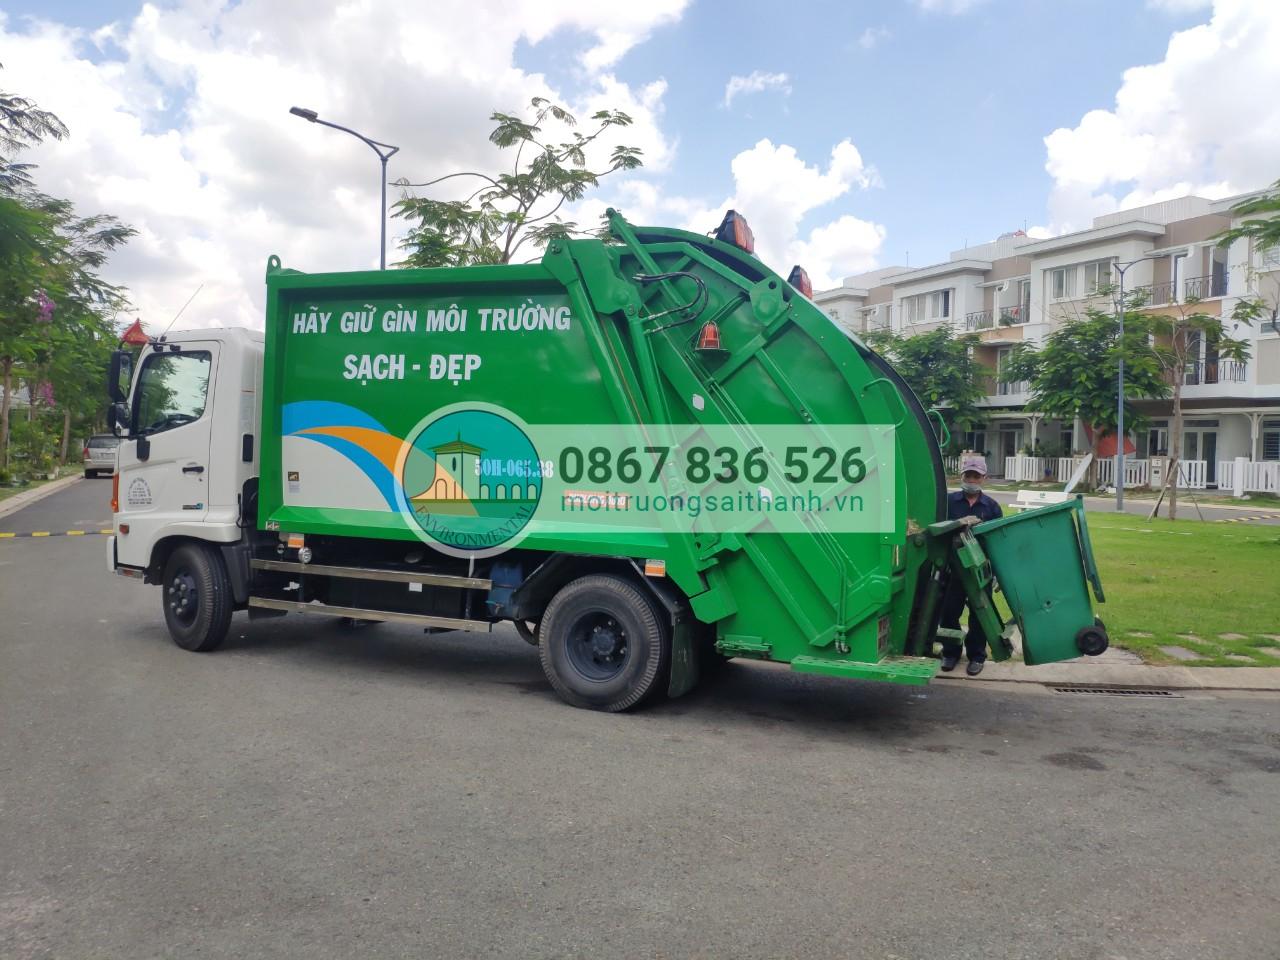 Thu gom rác sinh hoạt tại các KDC cao cấp